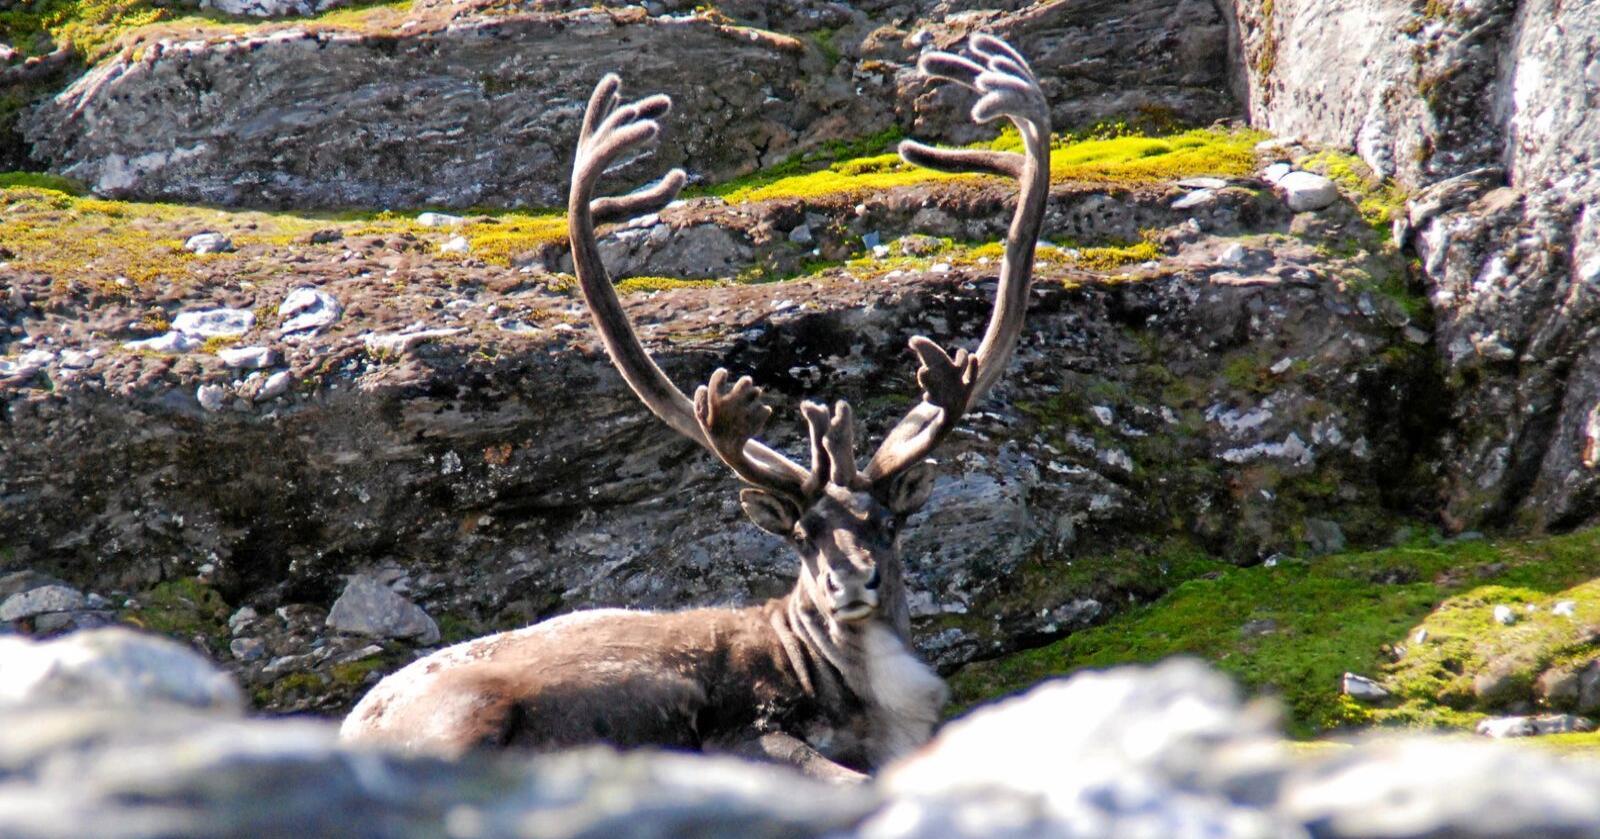 Skrantesjuke: Det er påvist skrantesjuke på villrein på Hardangervidda. Foto: Endre Lægreid